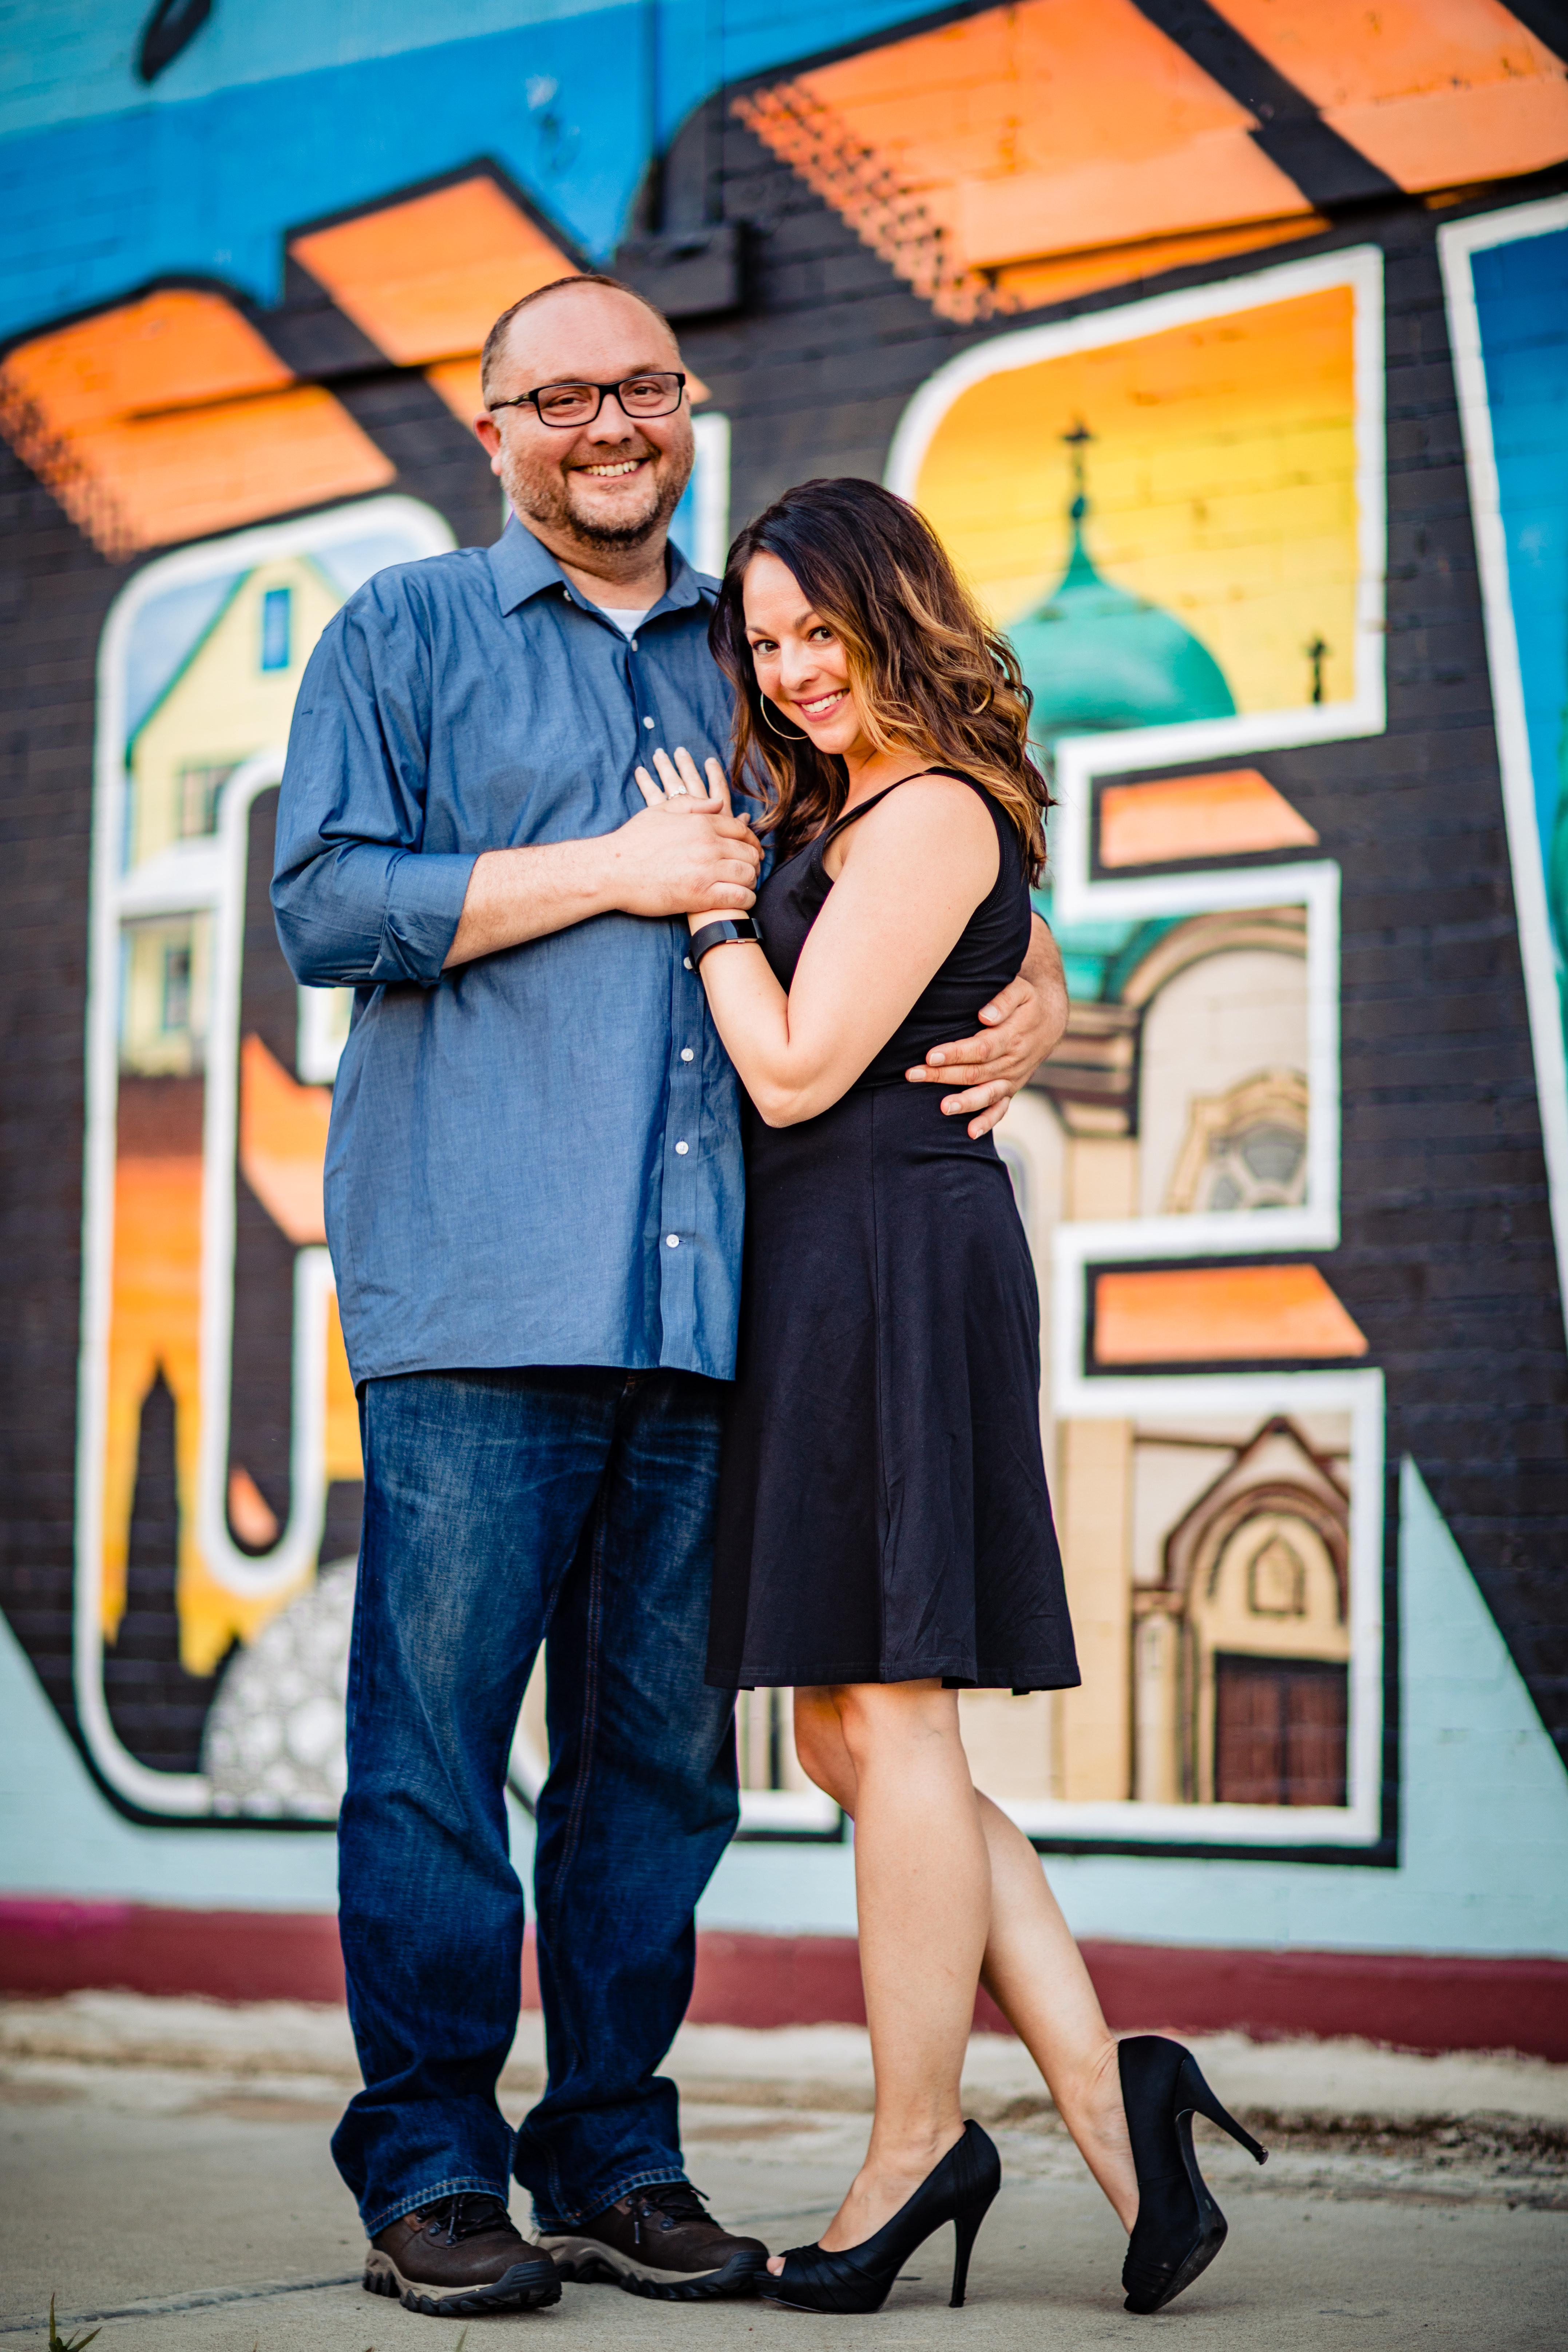 Edgewater dating Empire dating in het echte leven